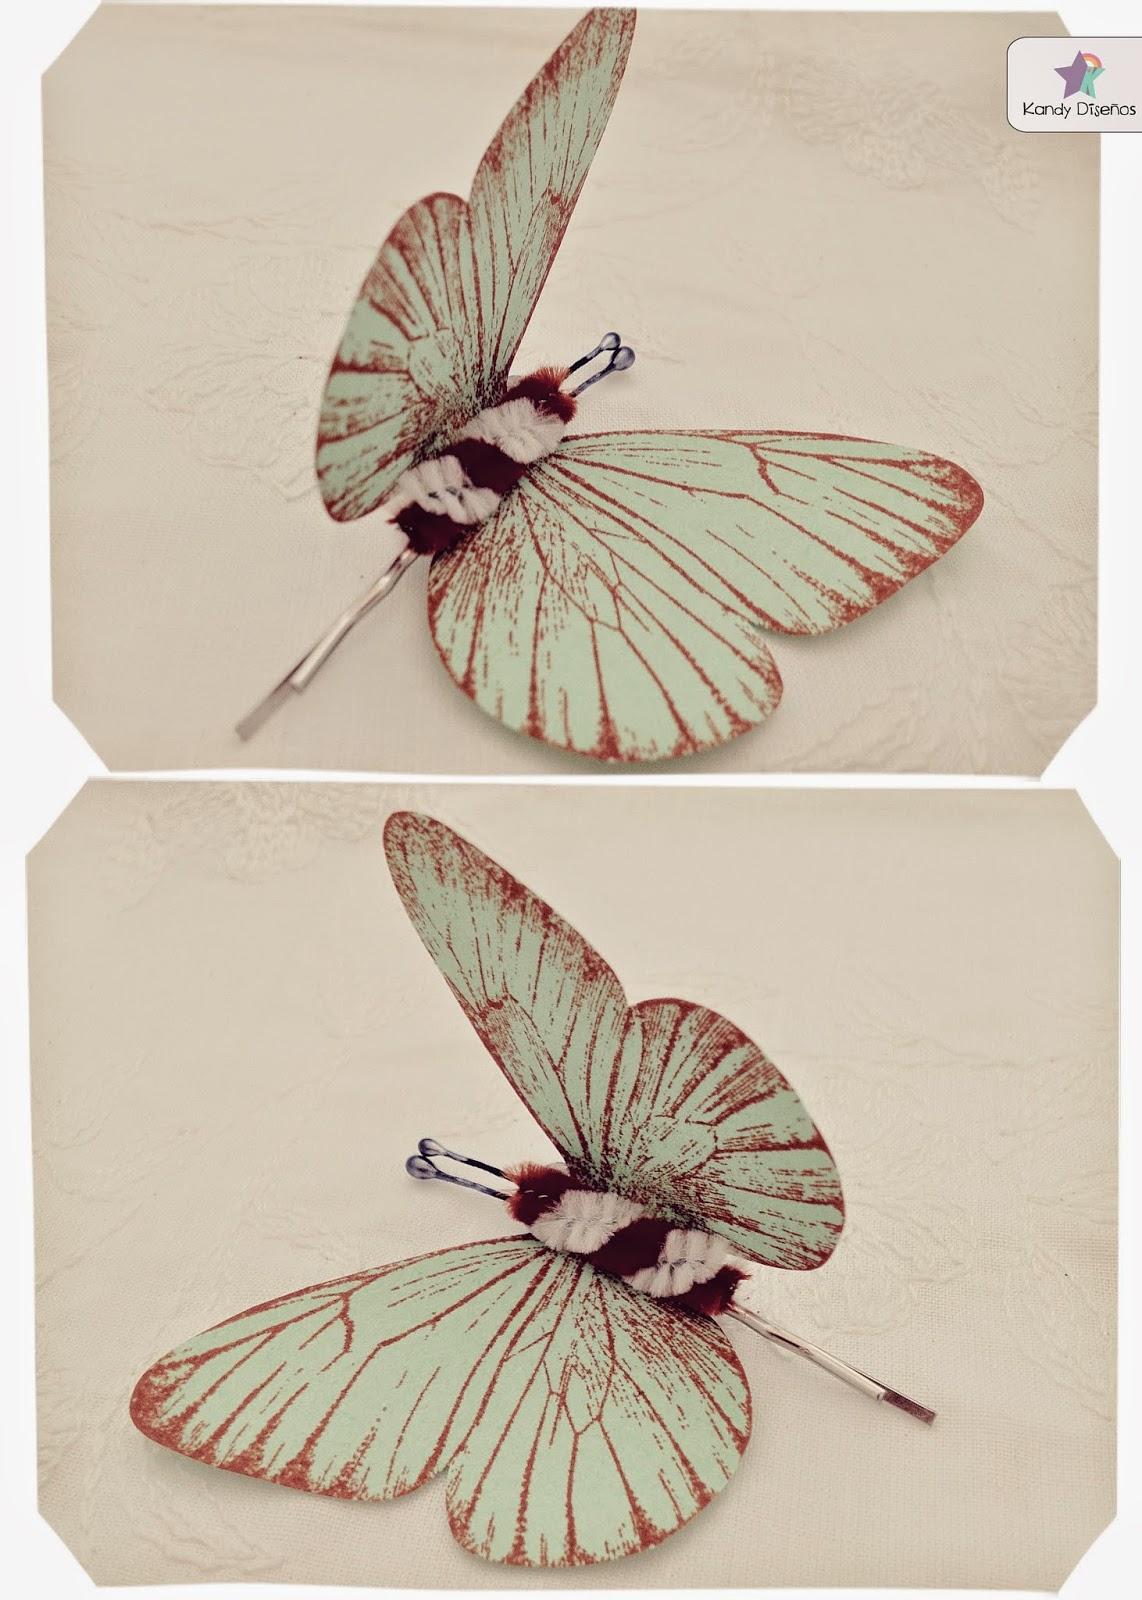 https://www.etsy.com/listing/105232690/butterfly-bobby-pin-mint-butterflies?ref=tre-2723414655-6